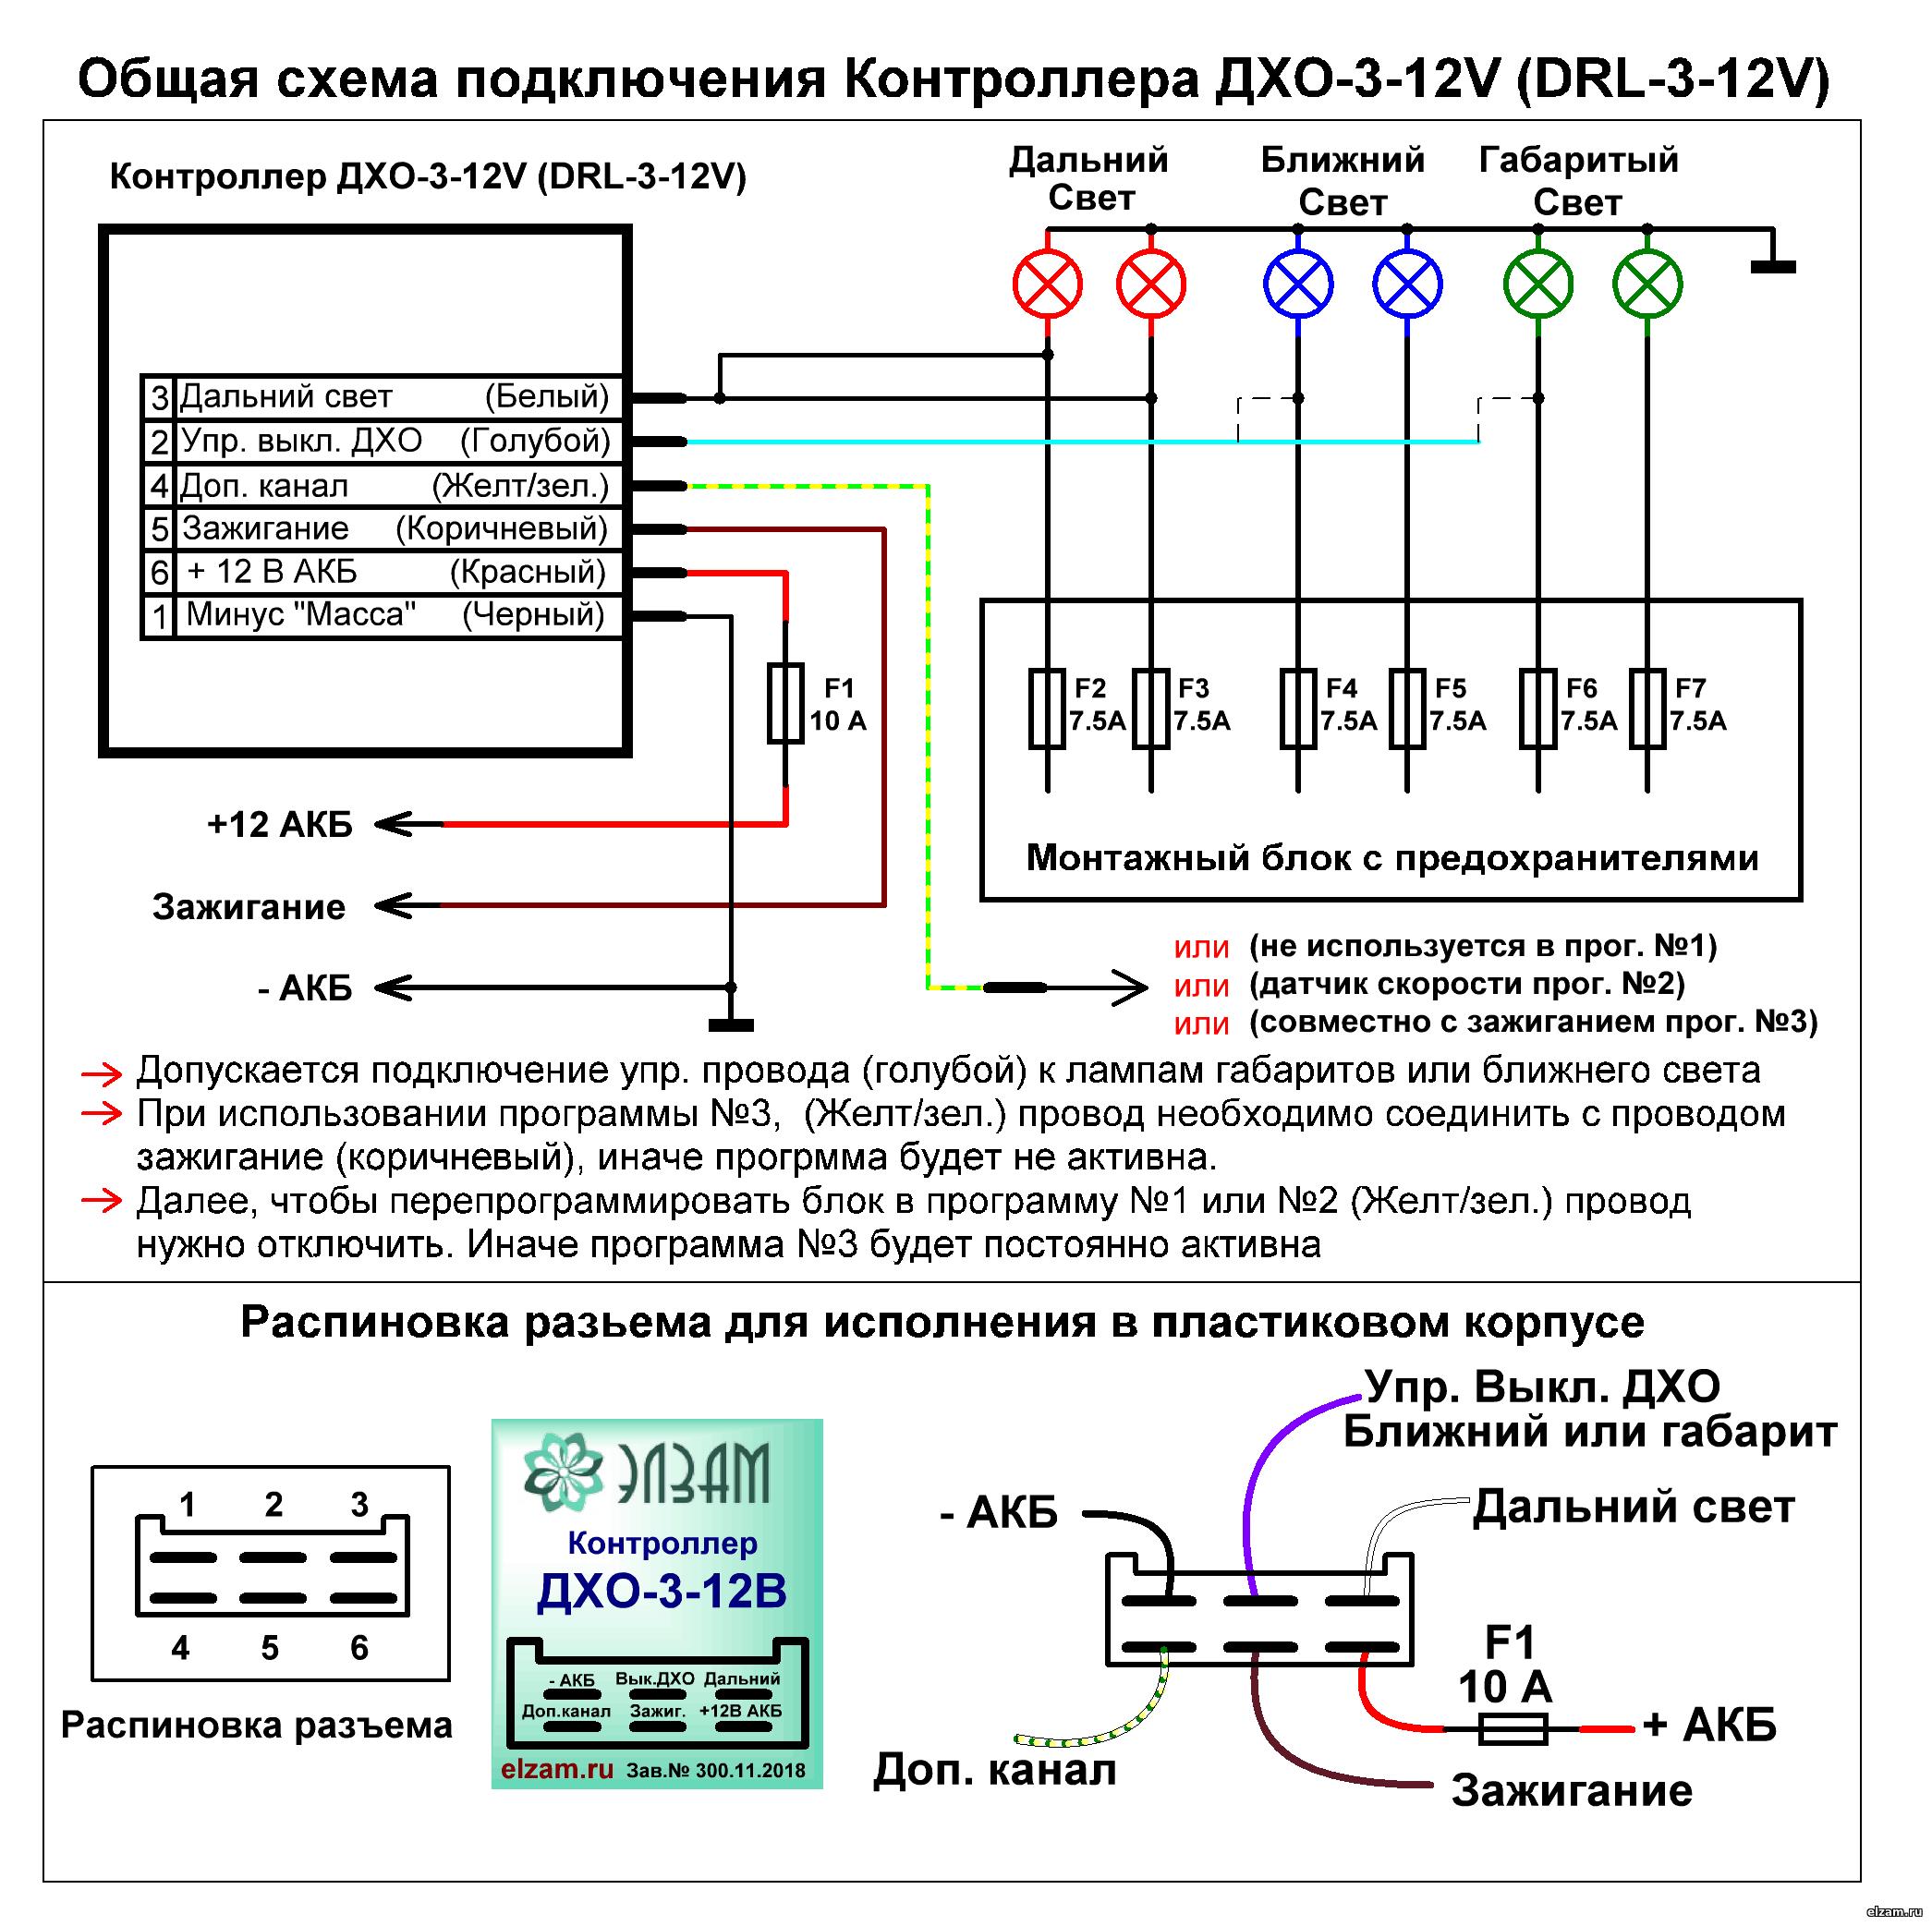 Общая схема подключения Контроллера ДХО-3 (DRL-3)